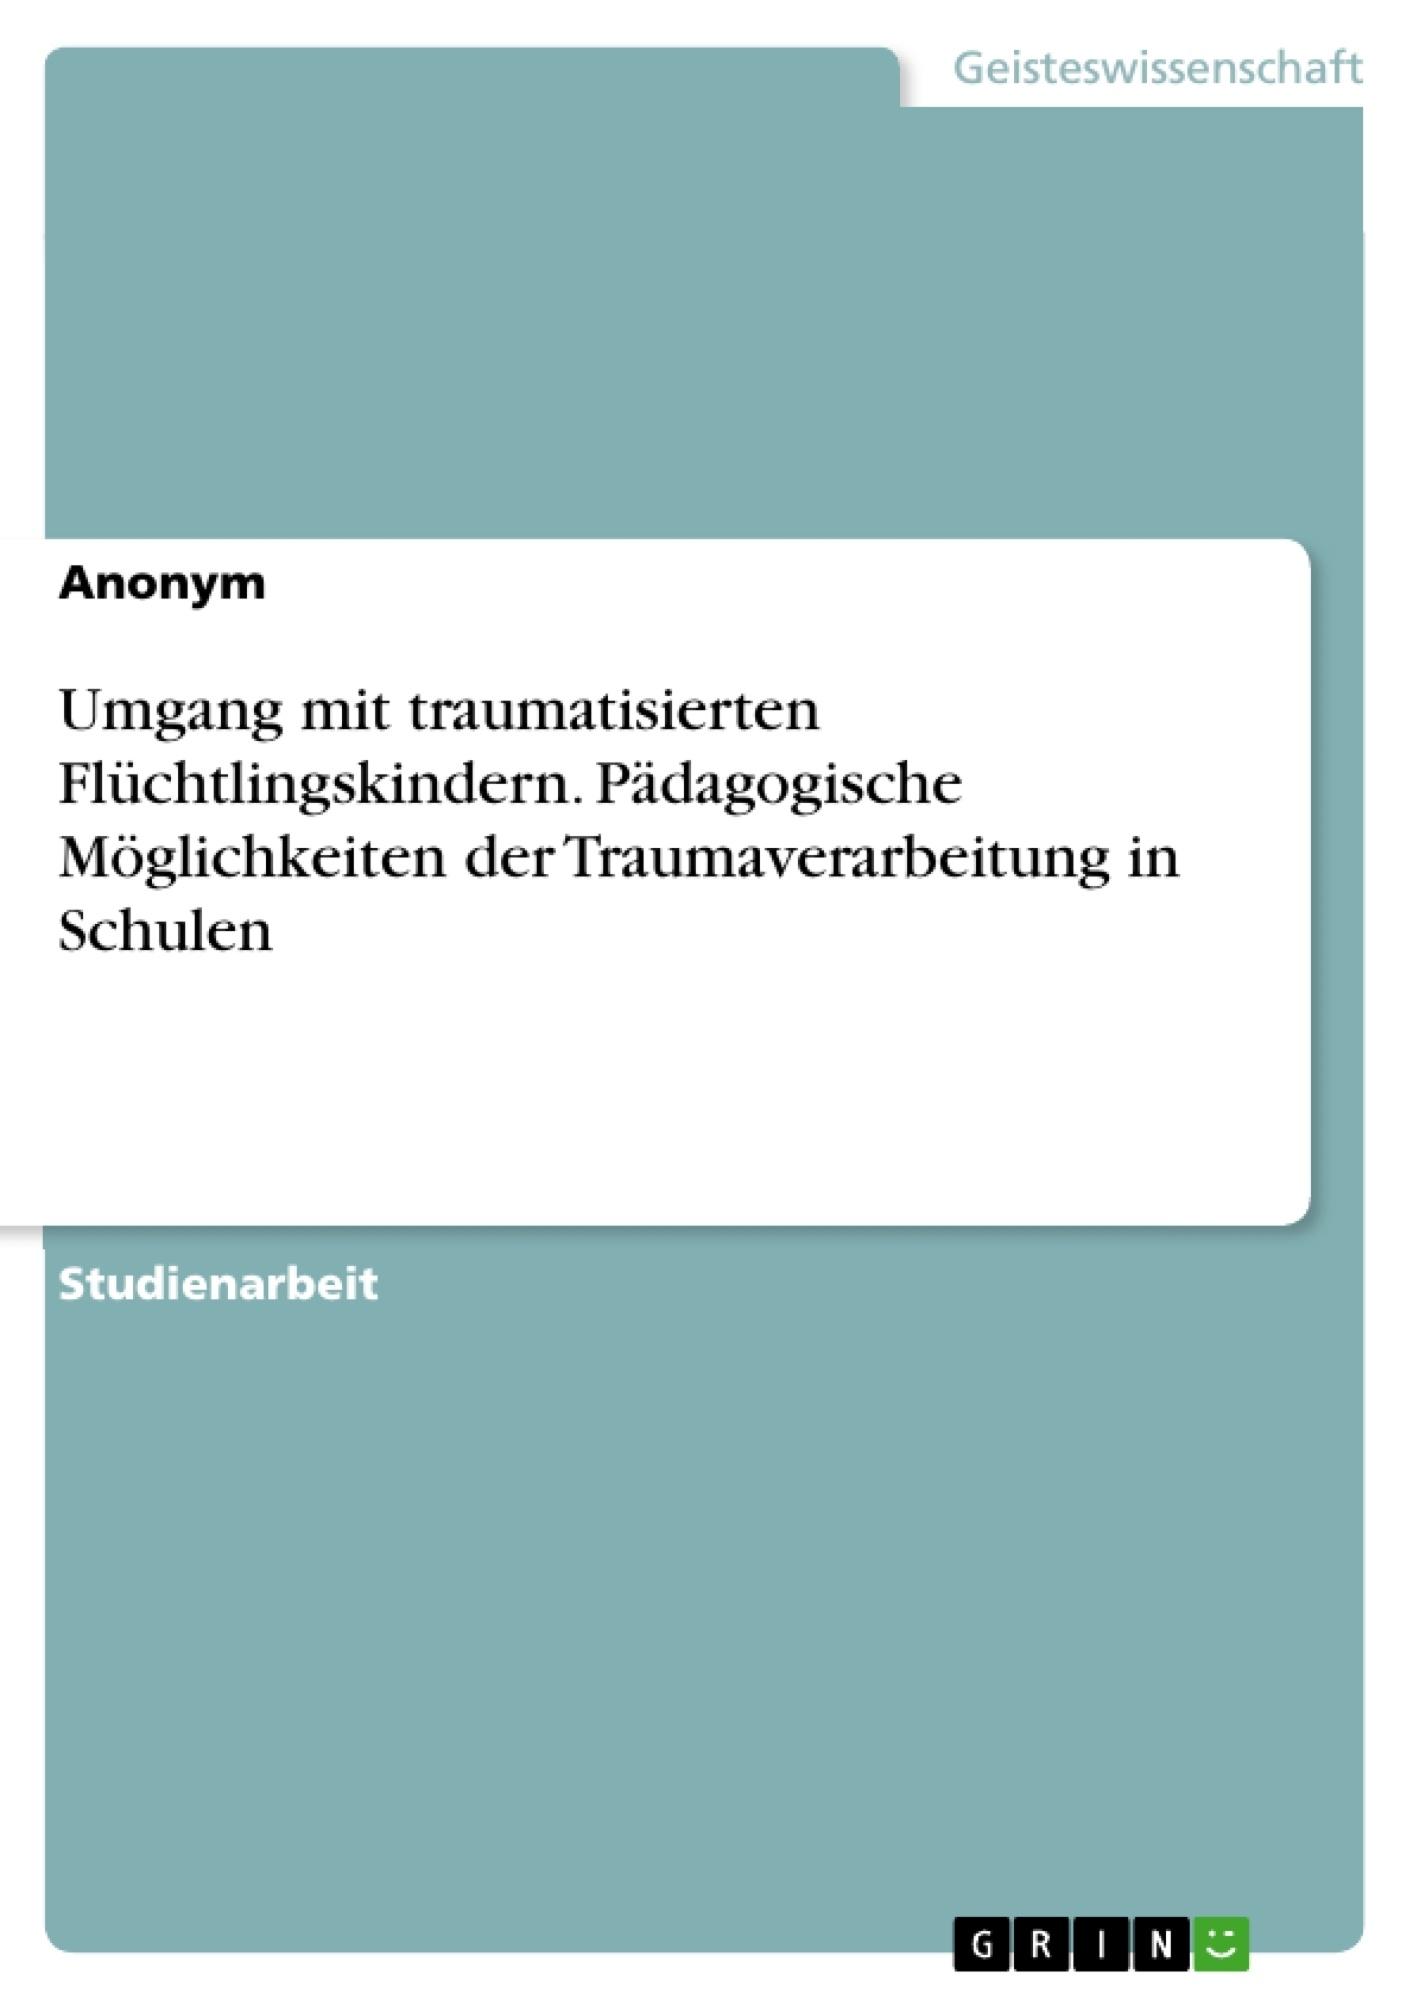 Titel: Umgang mit traumatisierten Flüchtlingskindern. Pädagogische Möglichkeiten der Traumaverarbeitung in Schulen